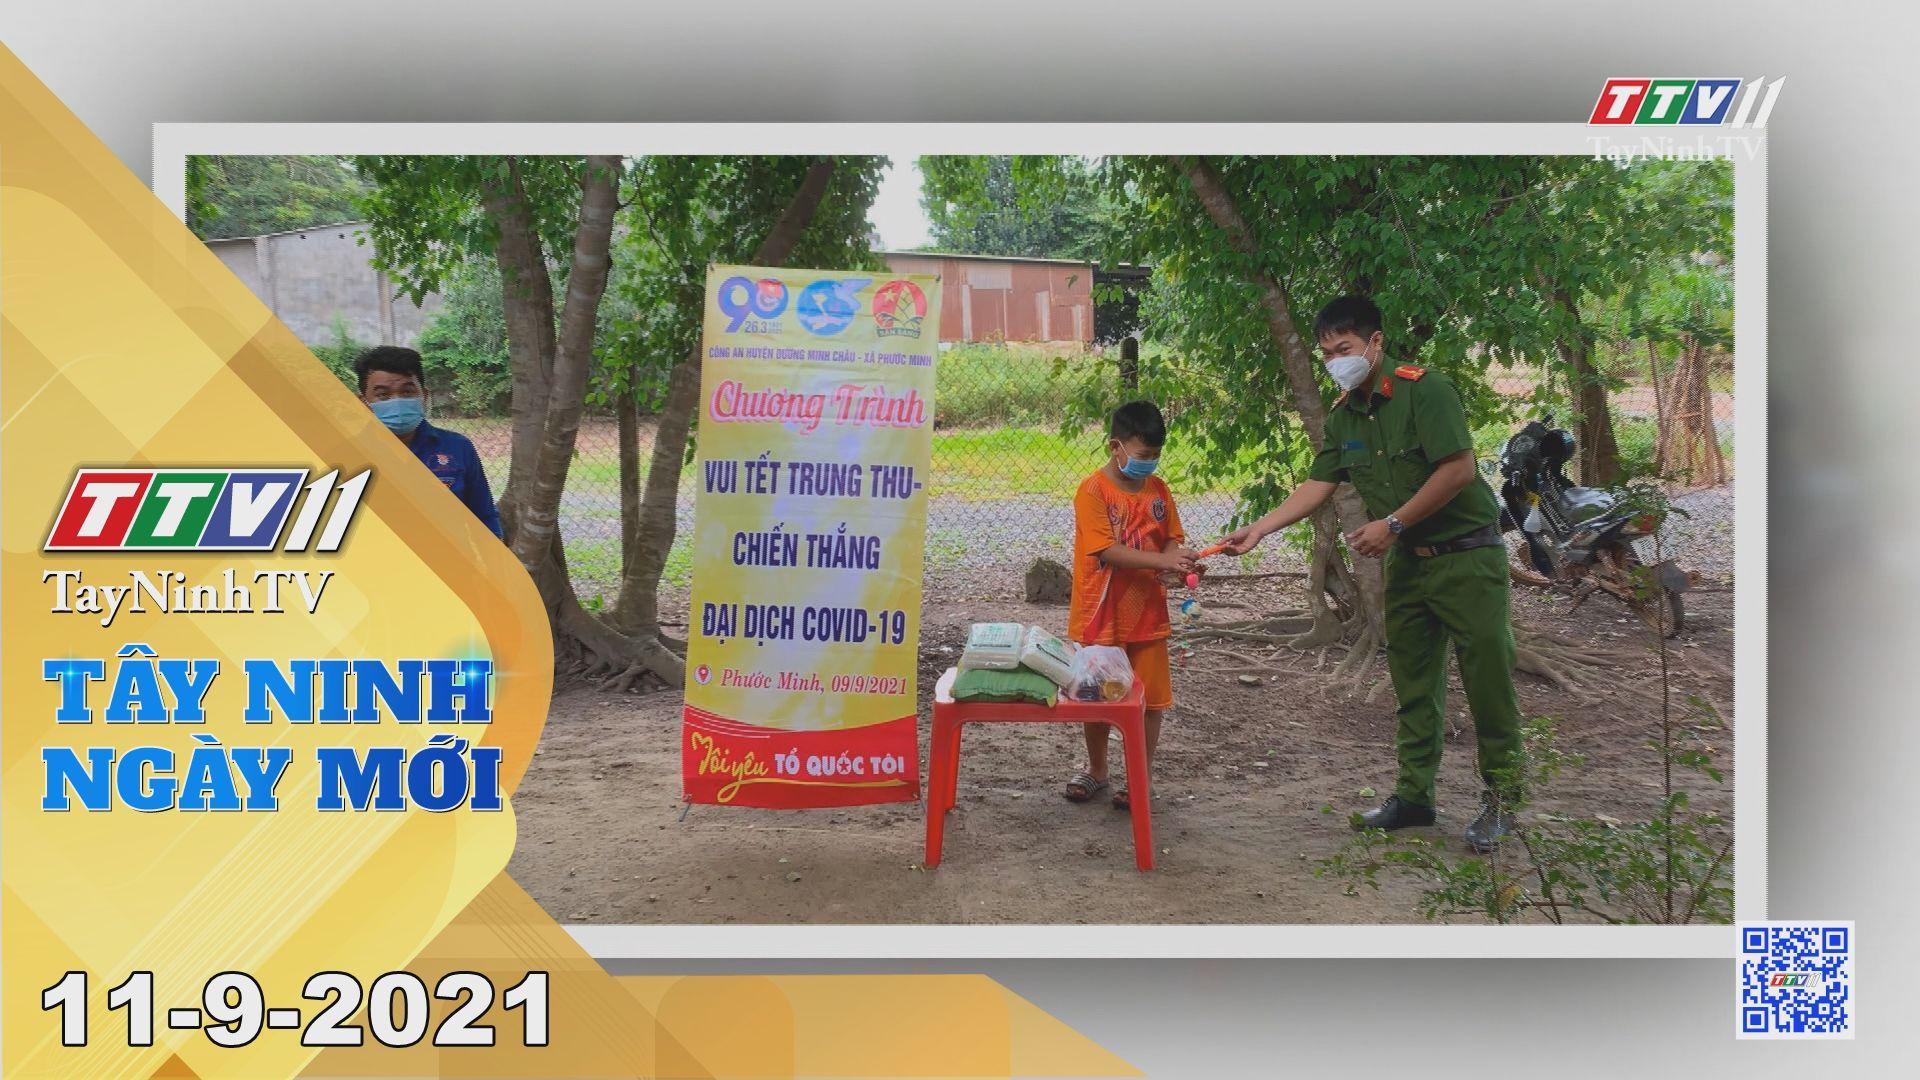 Tây Ninh Ngày Mới 11-9-2021 | Tin tức hôm nay | TayNinhTV